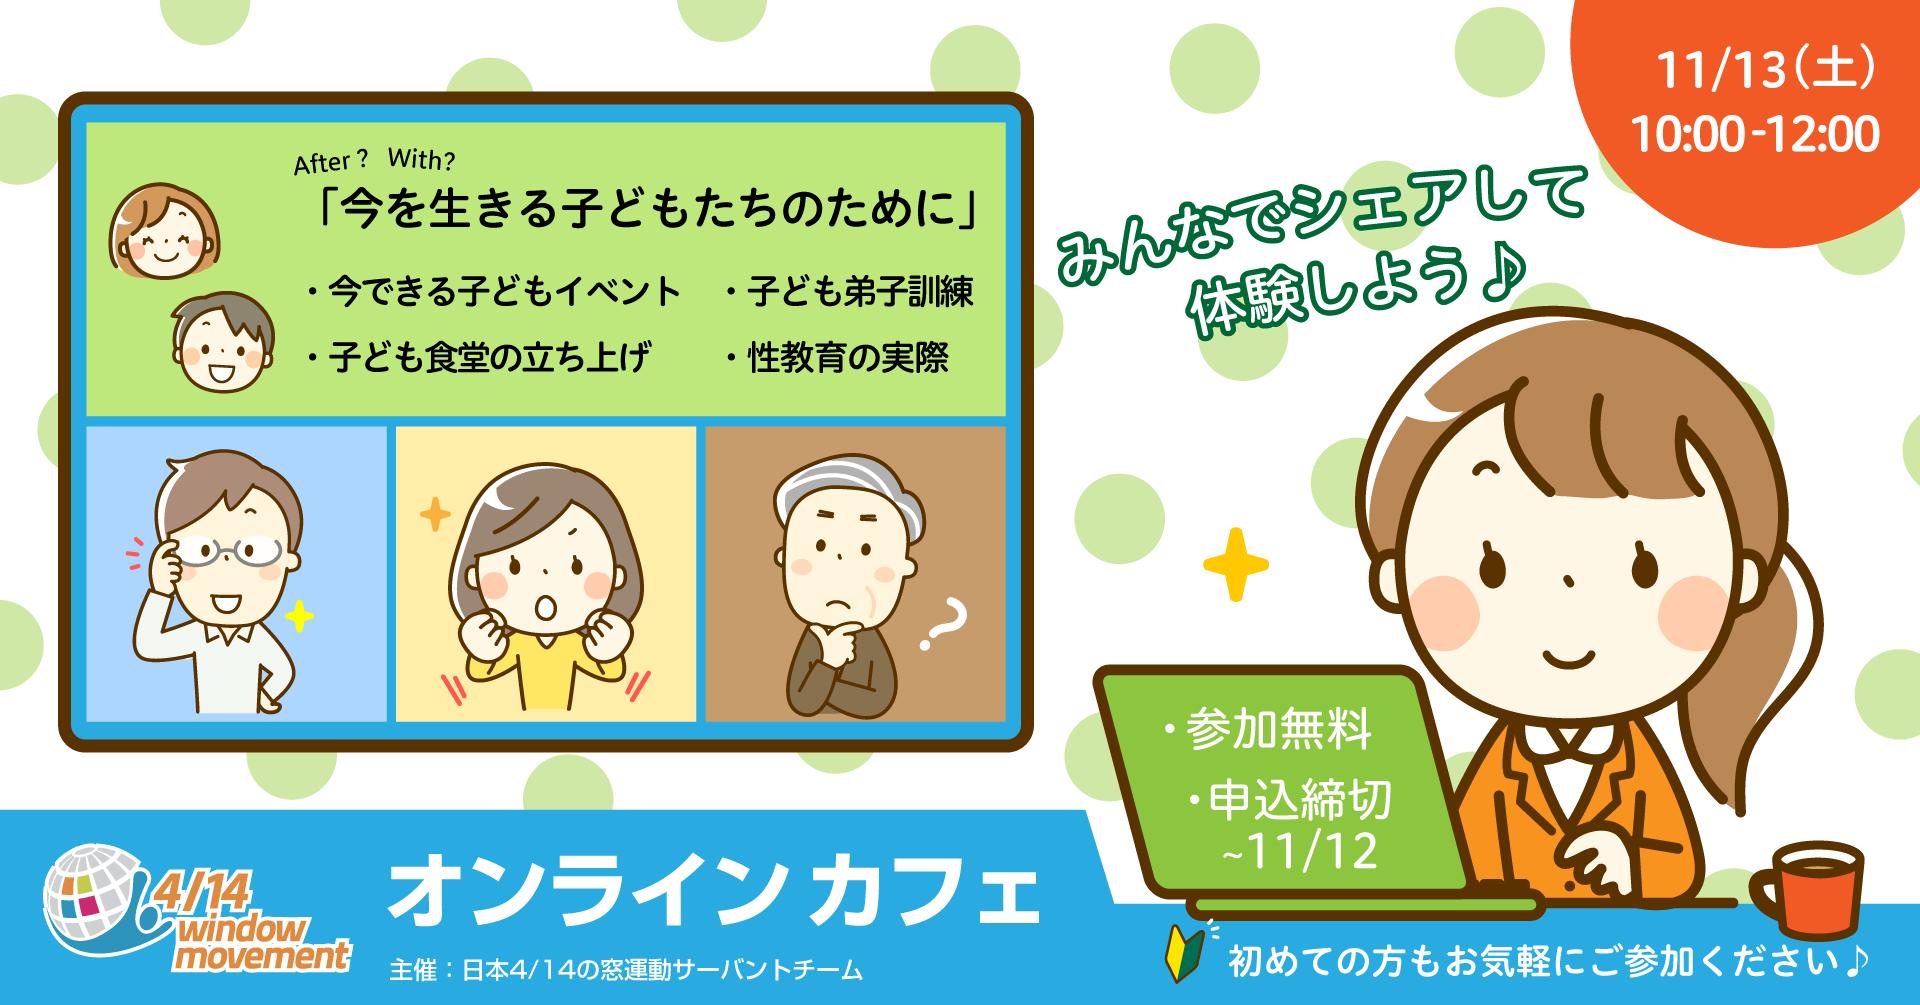 11月13日(土) 4-14Window Movement オンラインカフェ開催のお知らせ